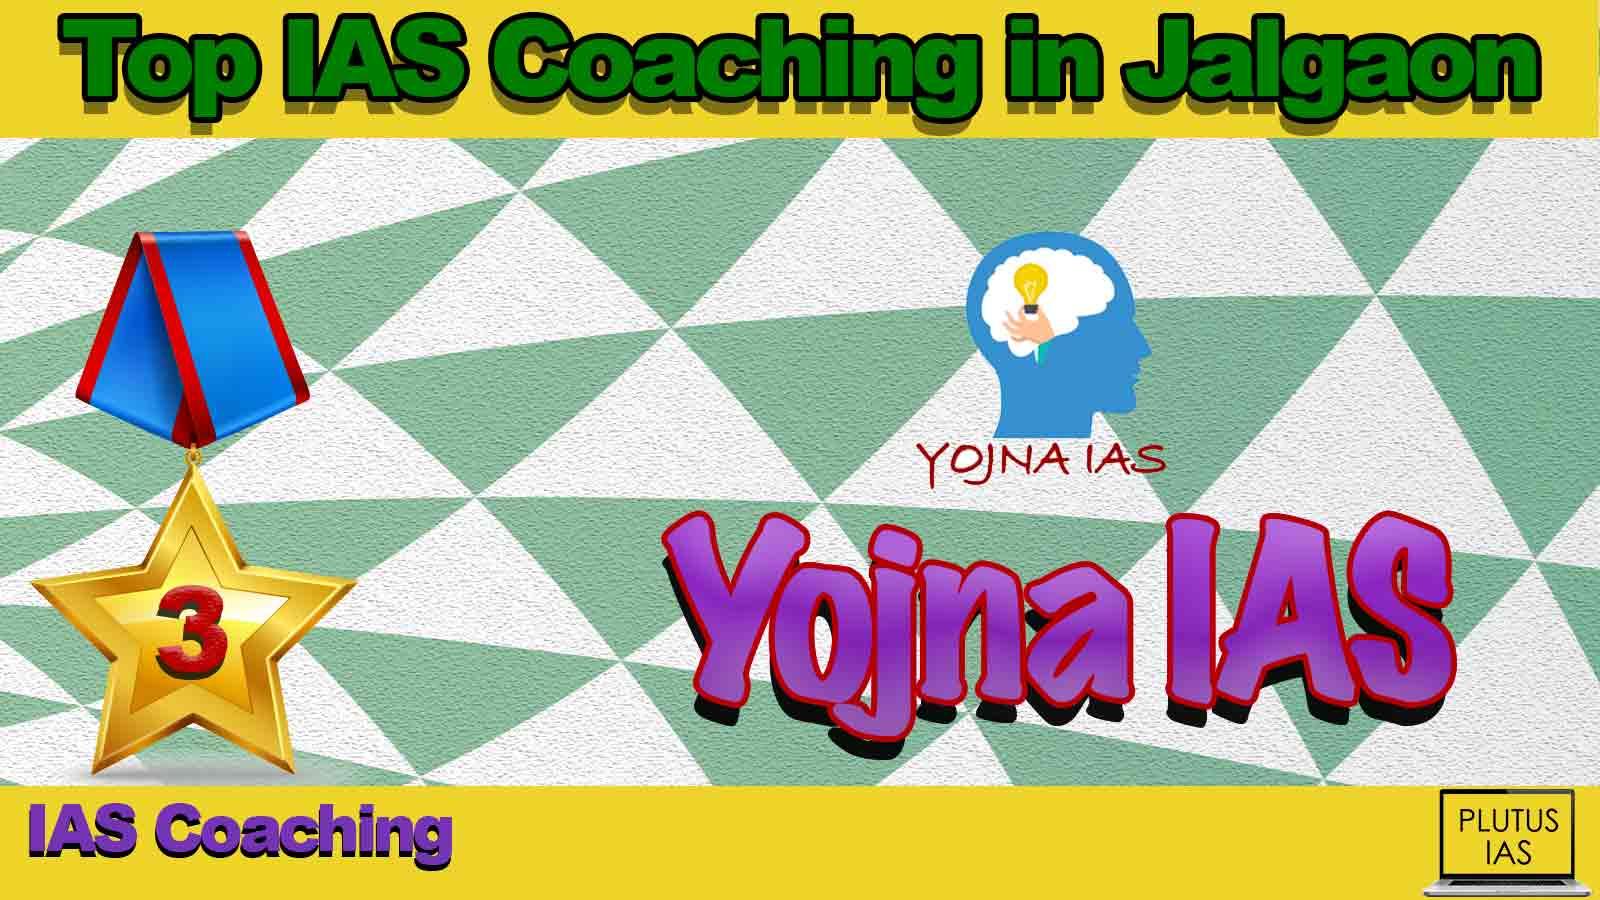 Top IAS Coaching in Jalgaon